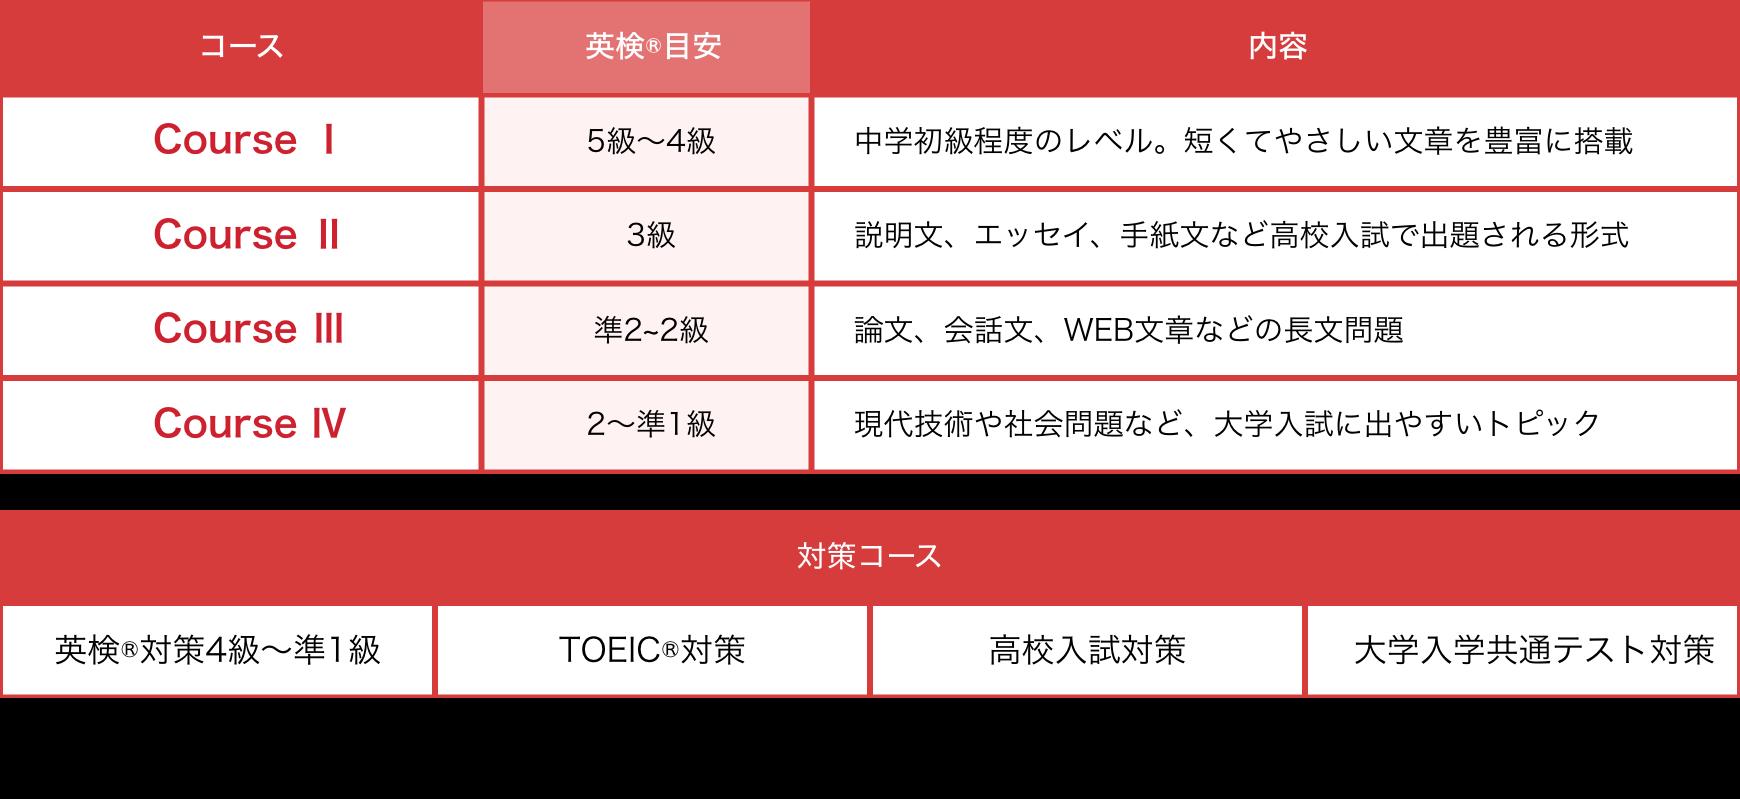 速読聴英語コース